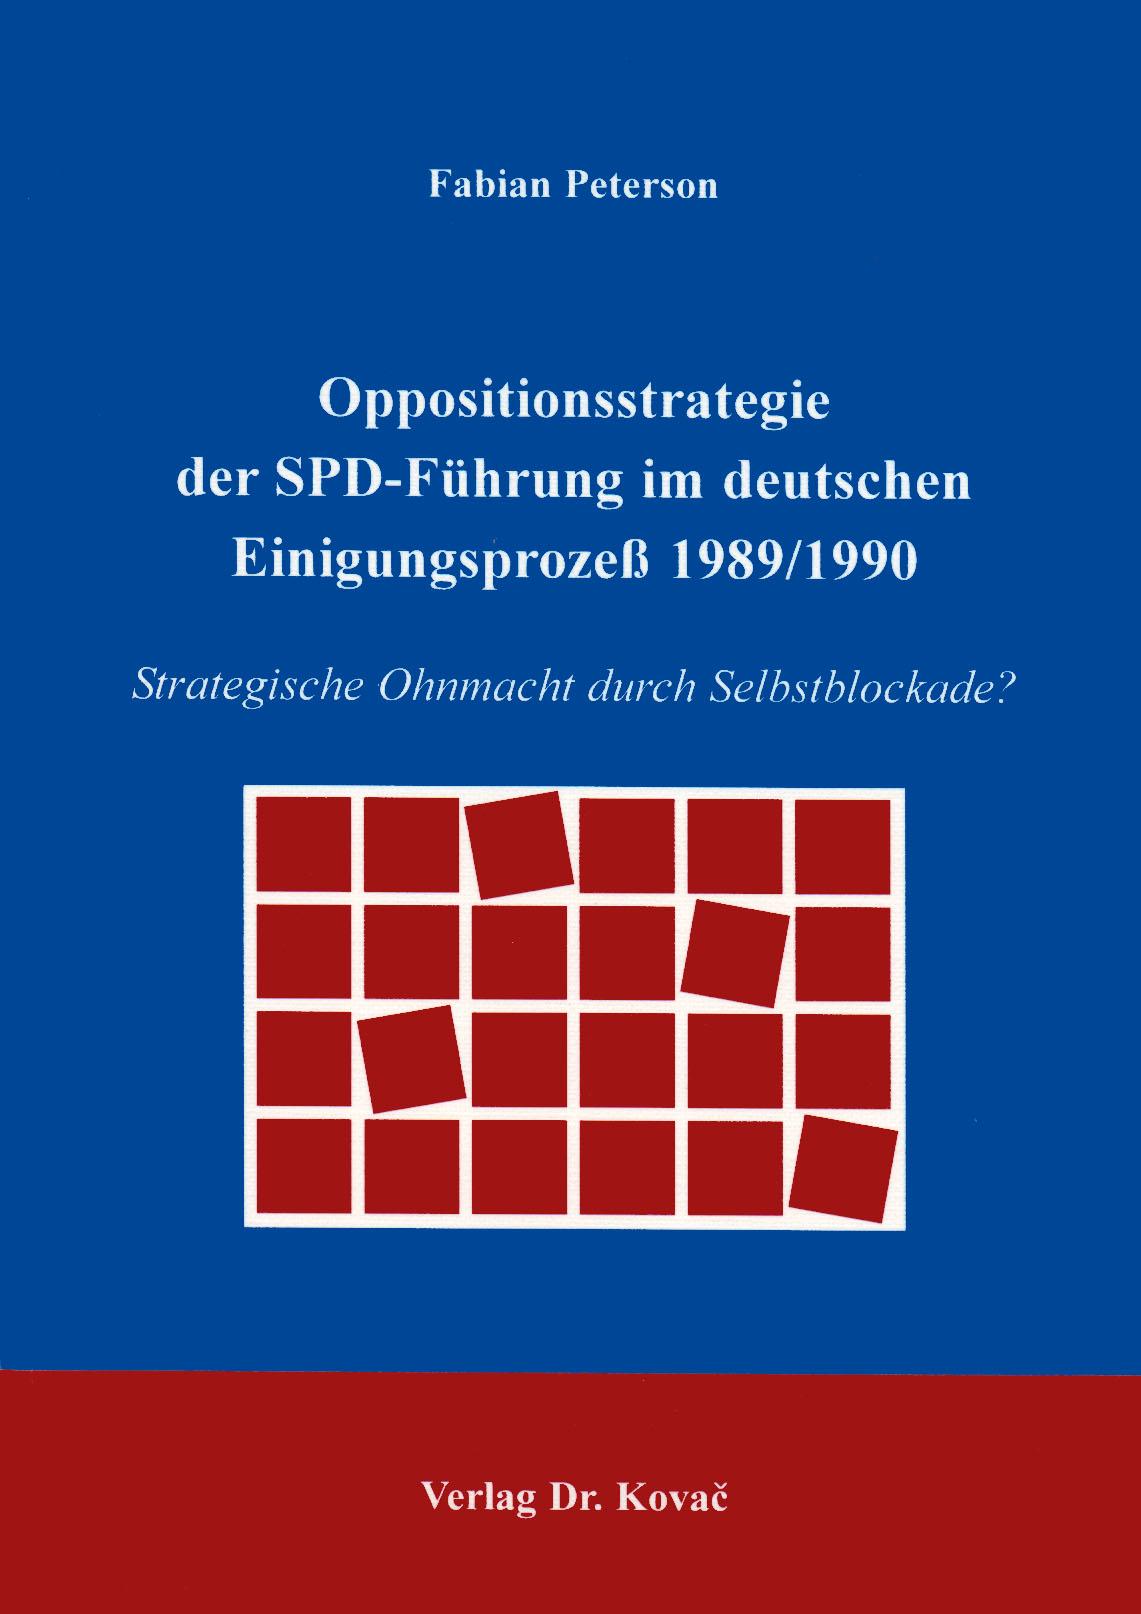 Cover: Oppositionsstrategie der SPD-Führung im deutschen Einigungsprozeß 1989/1990